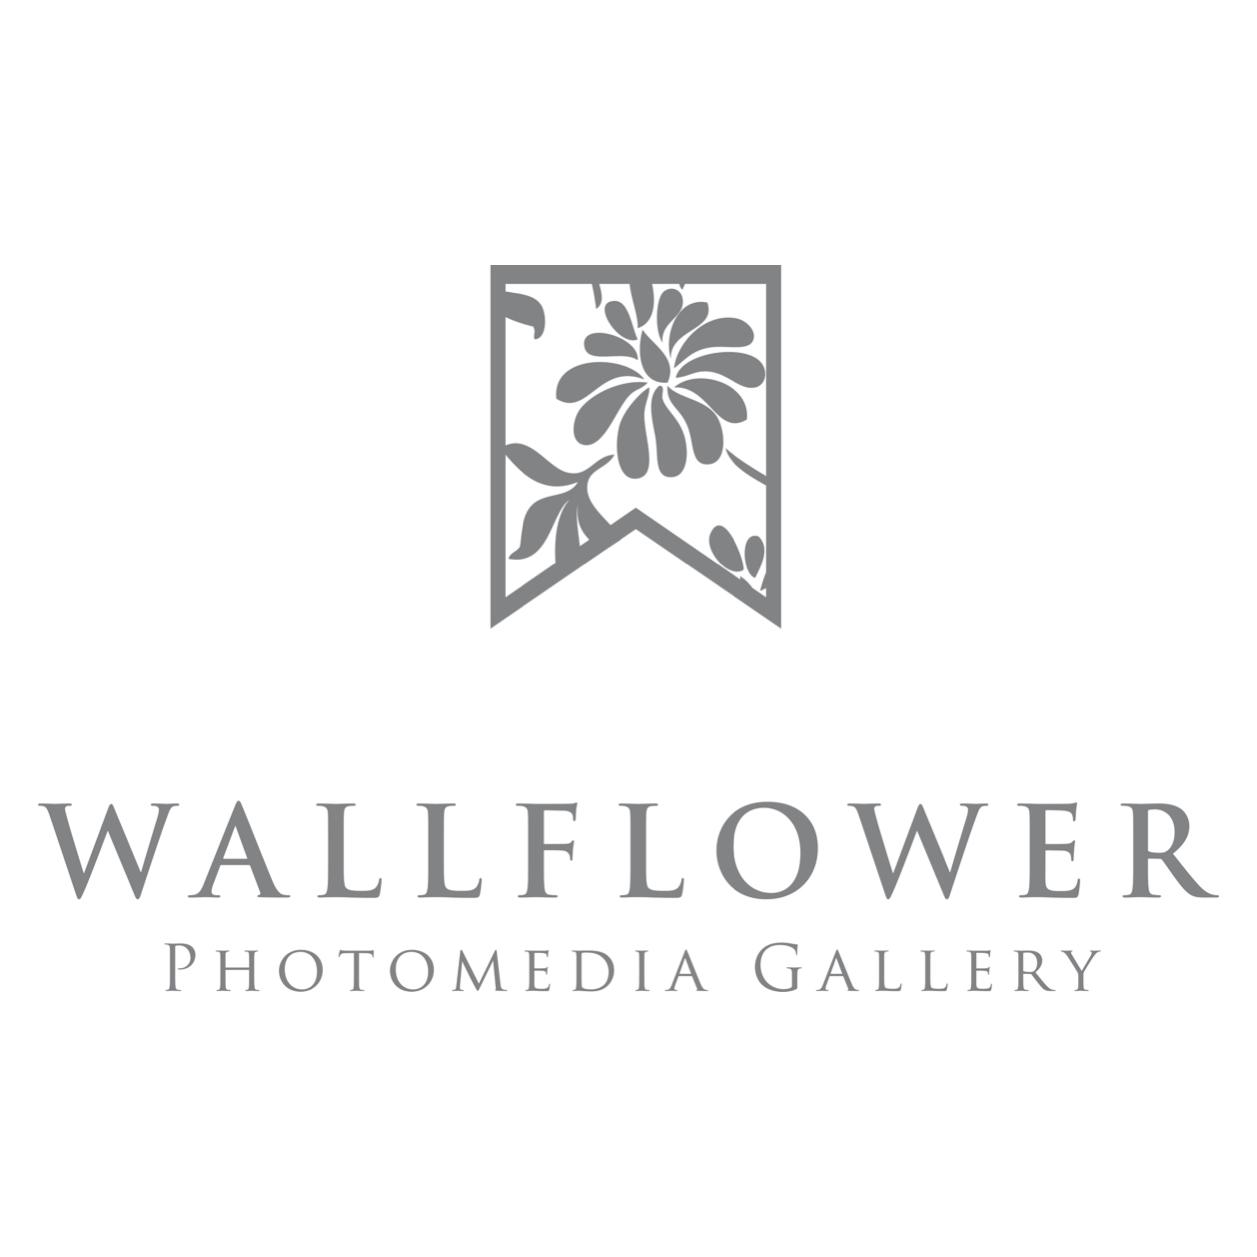 Wallflower_Logo.jpg